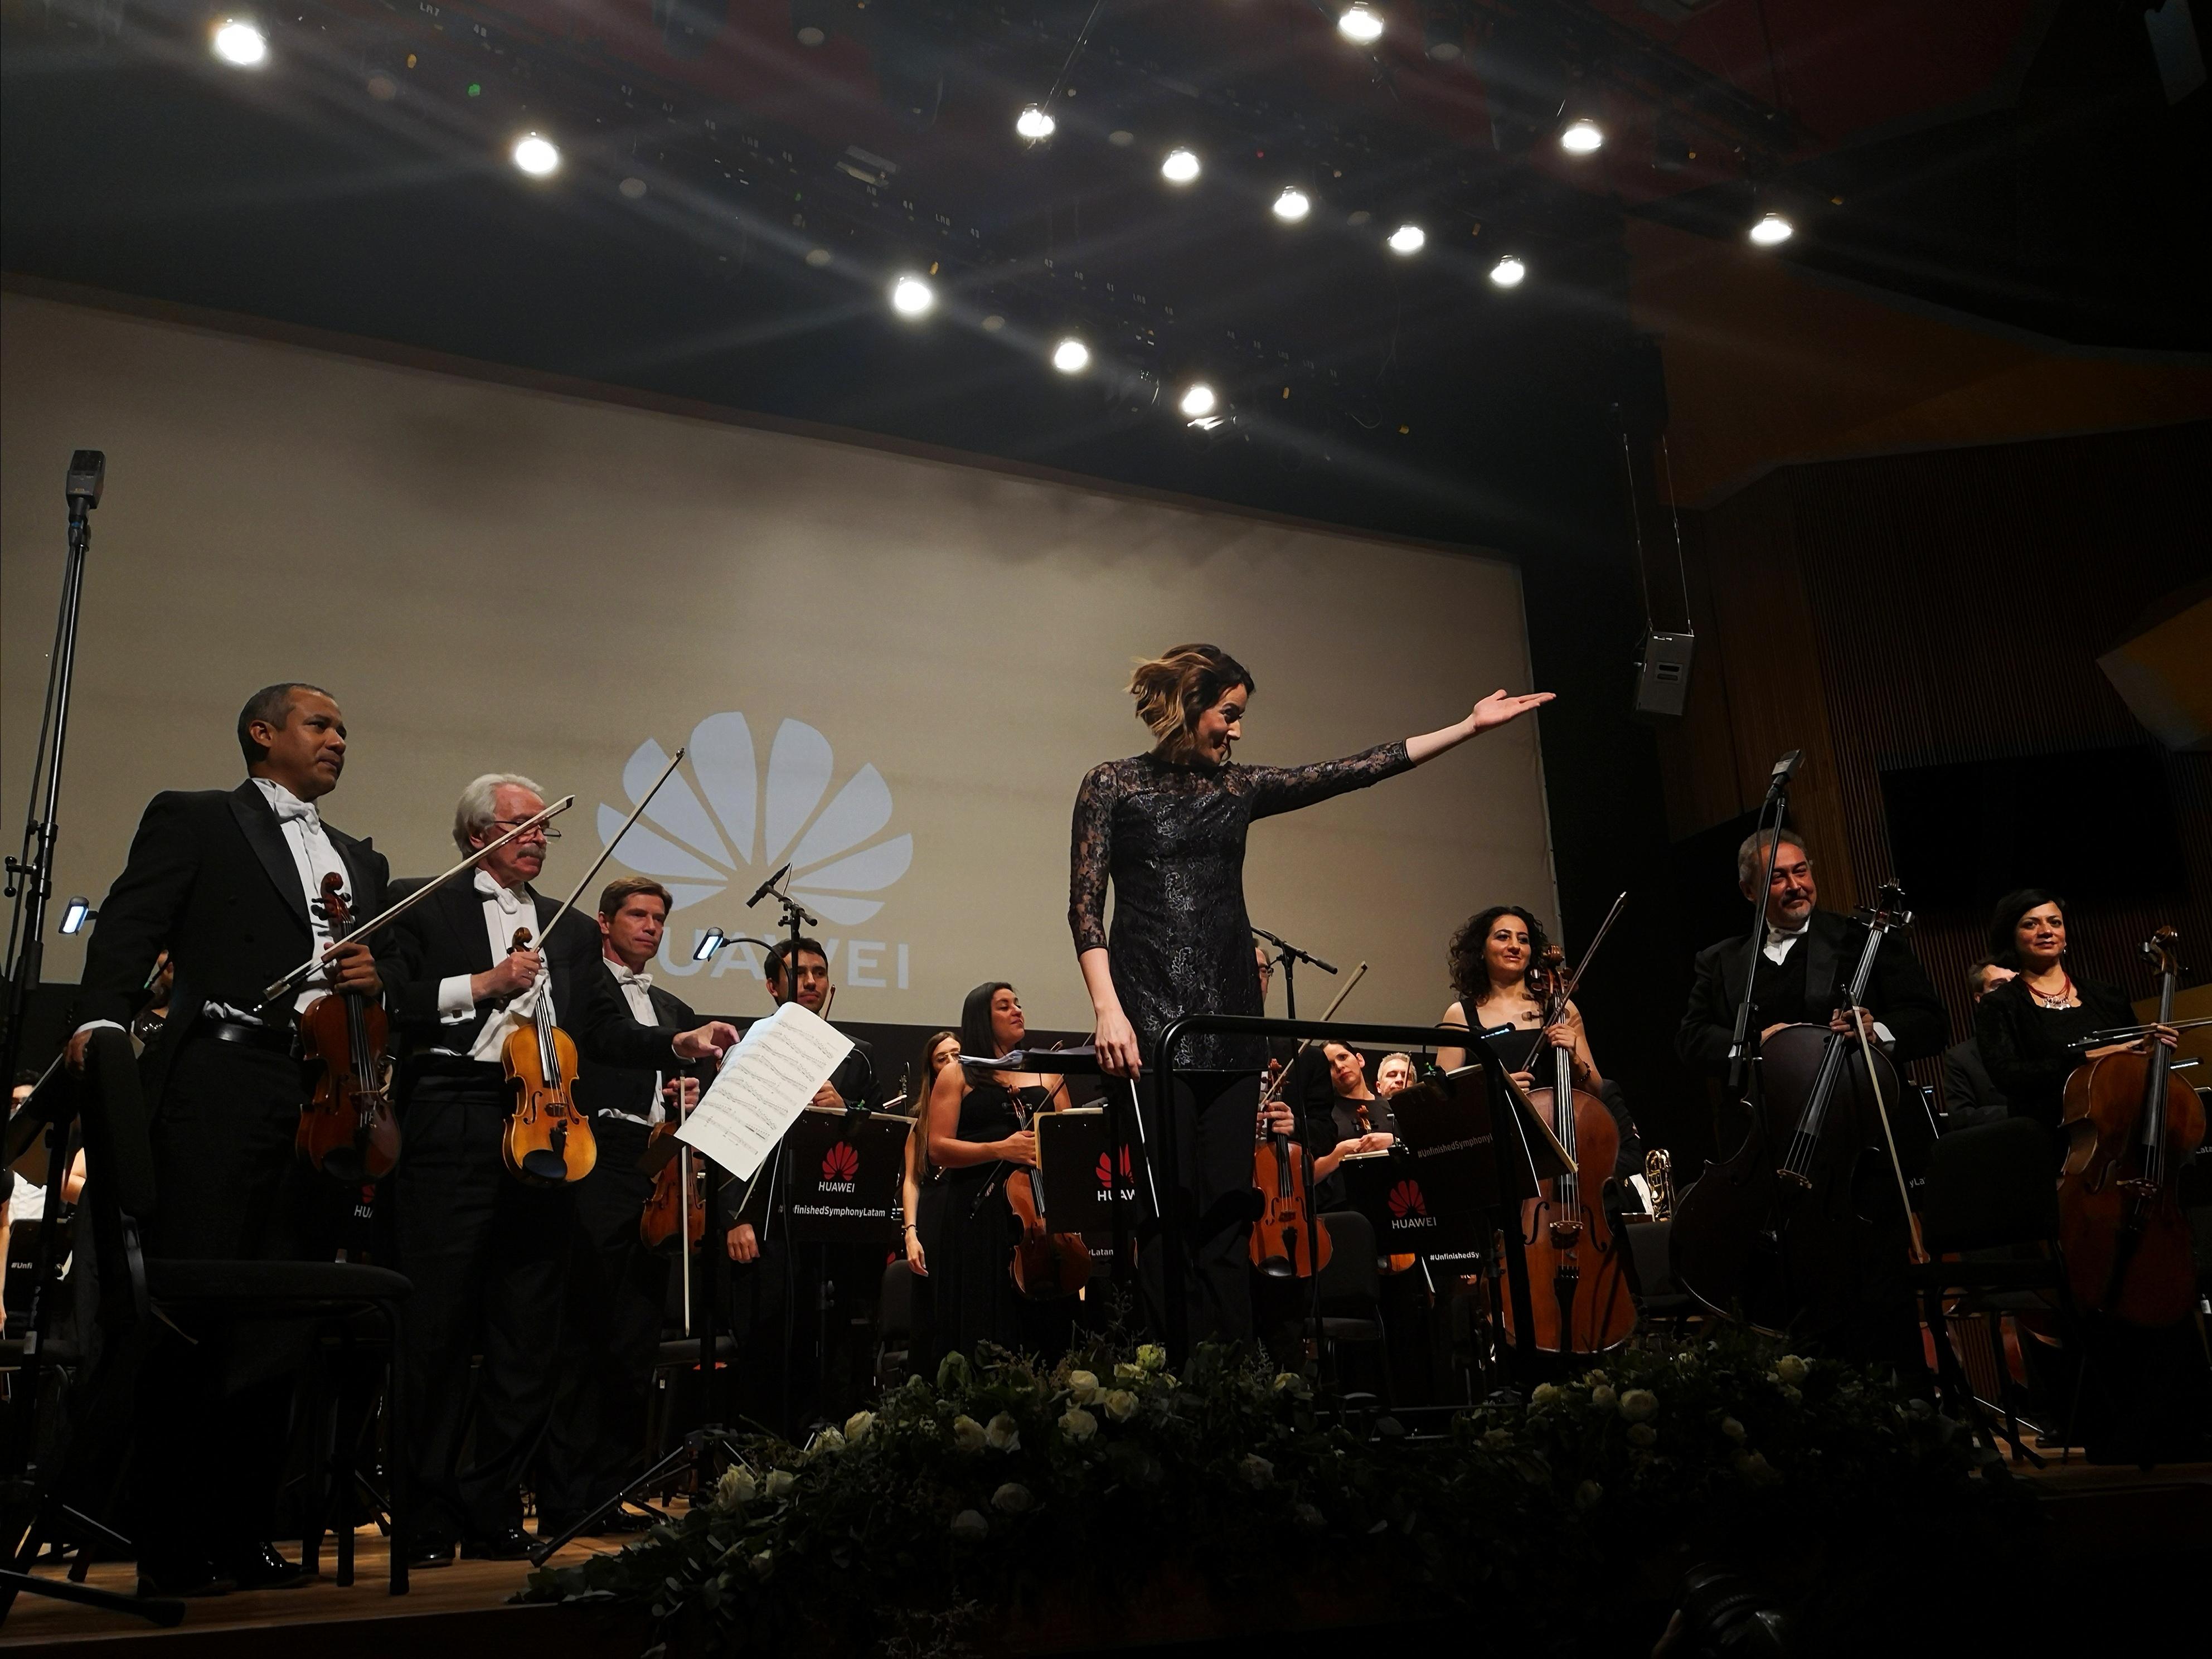 La Inteligencia Artificial 'termina' la sinfonía inconclusa de Schubert